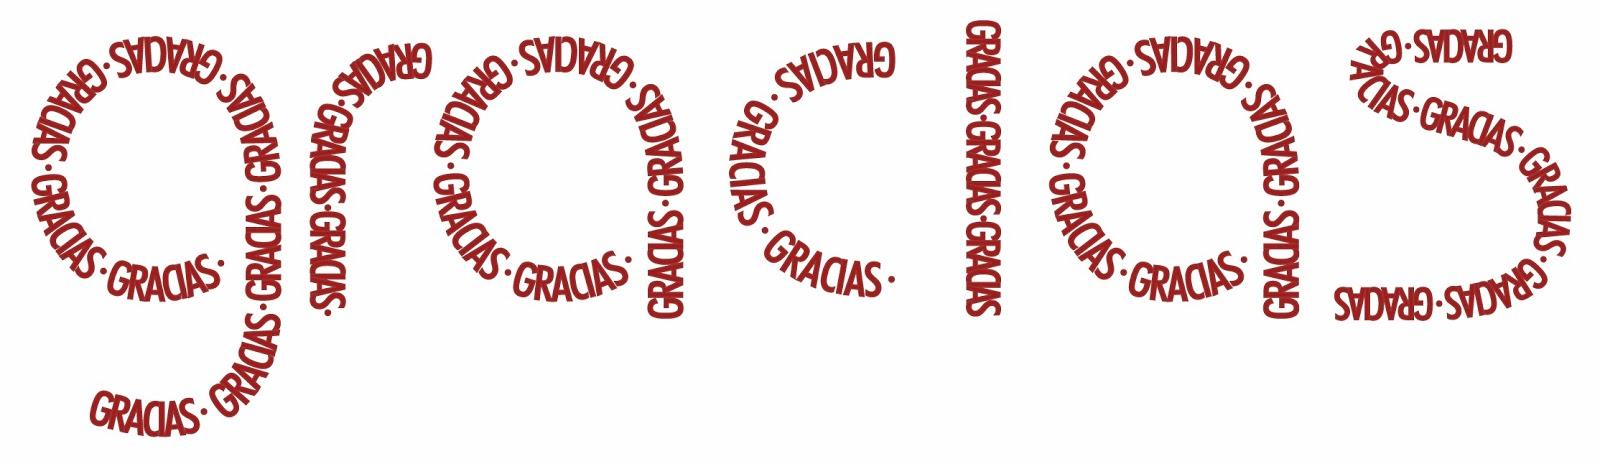 Free : code hi5, bbcode, hi5 en espanol, comentarios para hi5, my space profile codes, winkkkcom